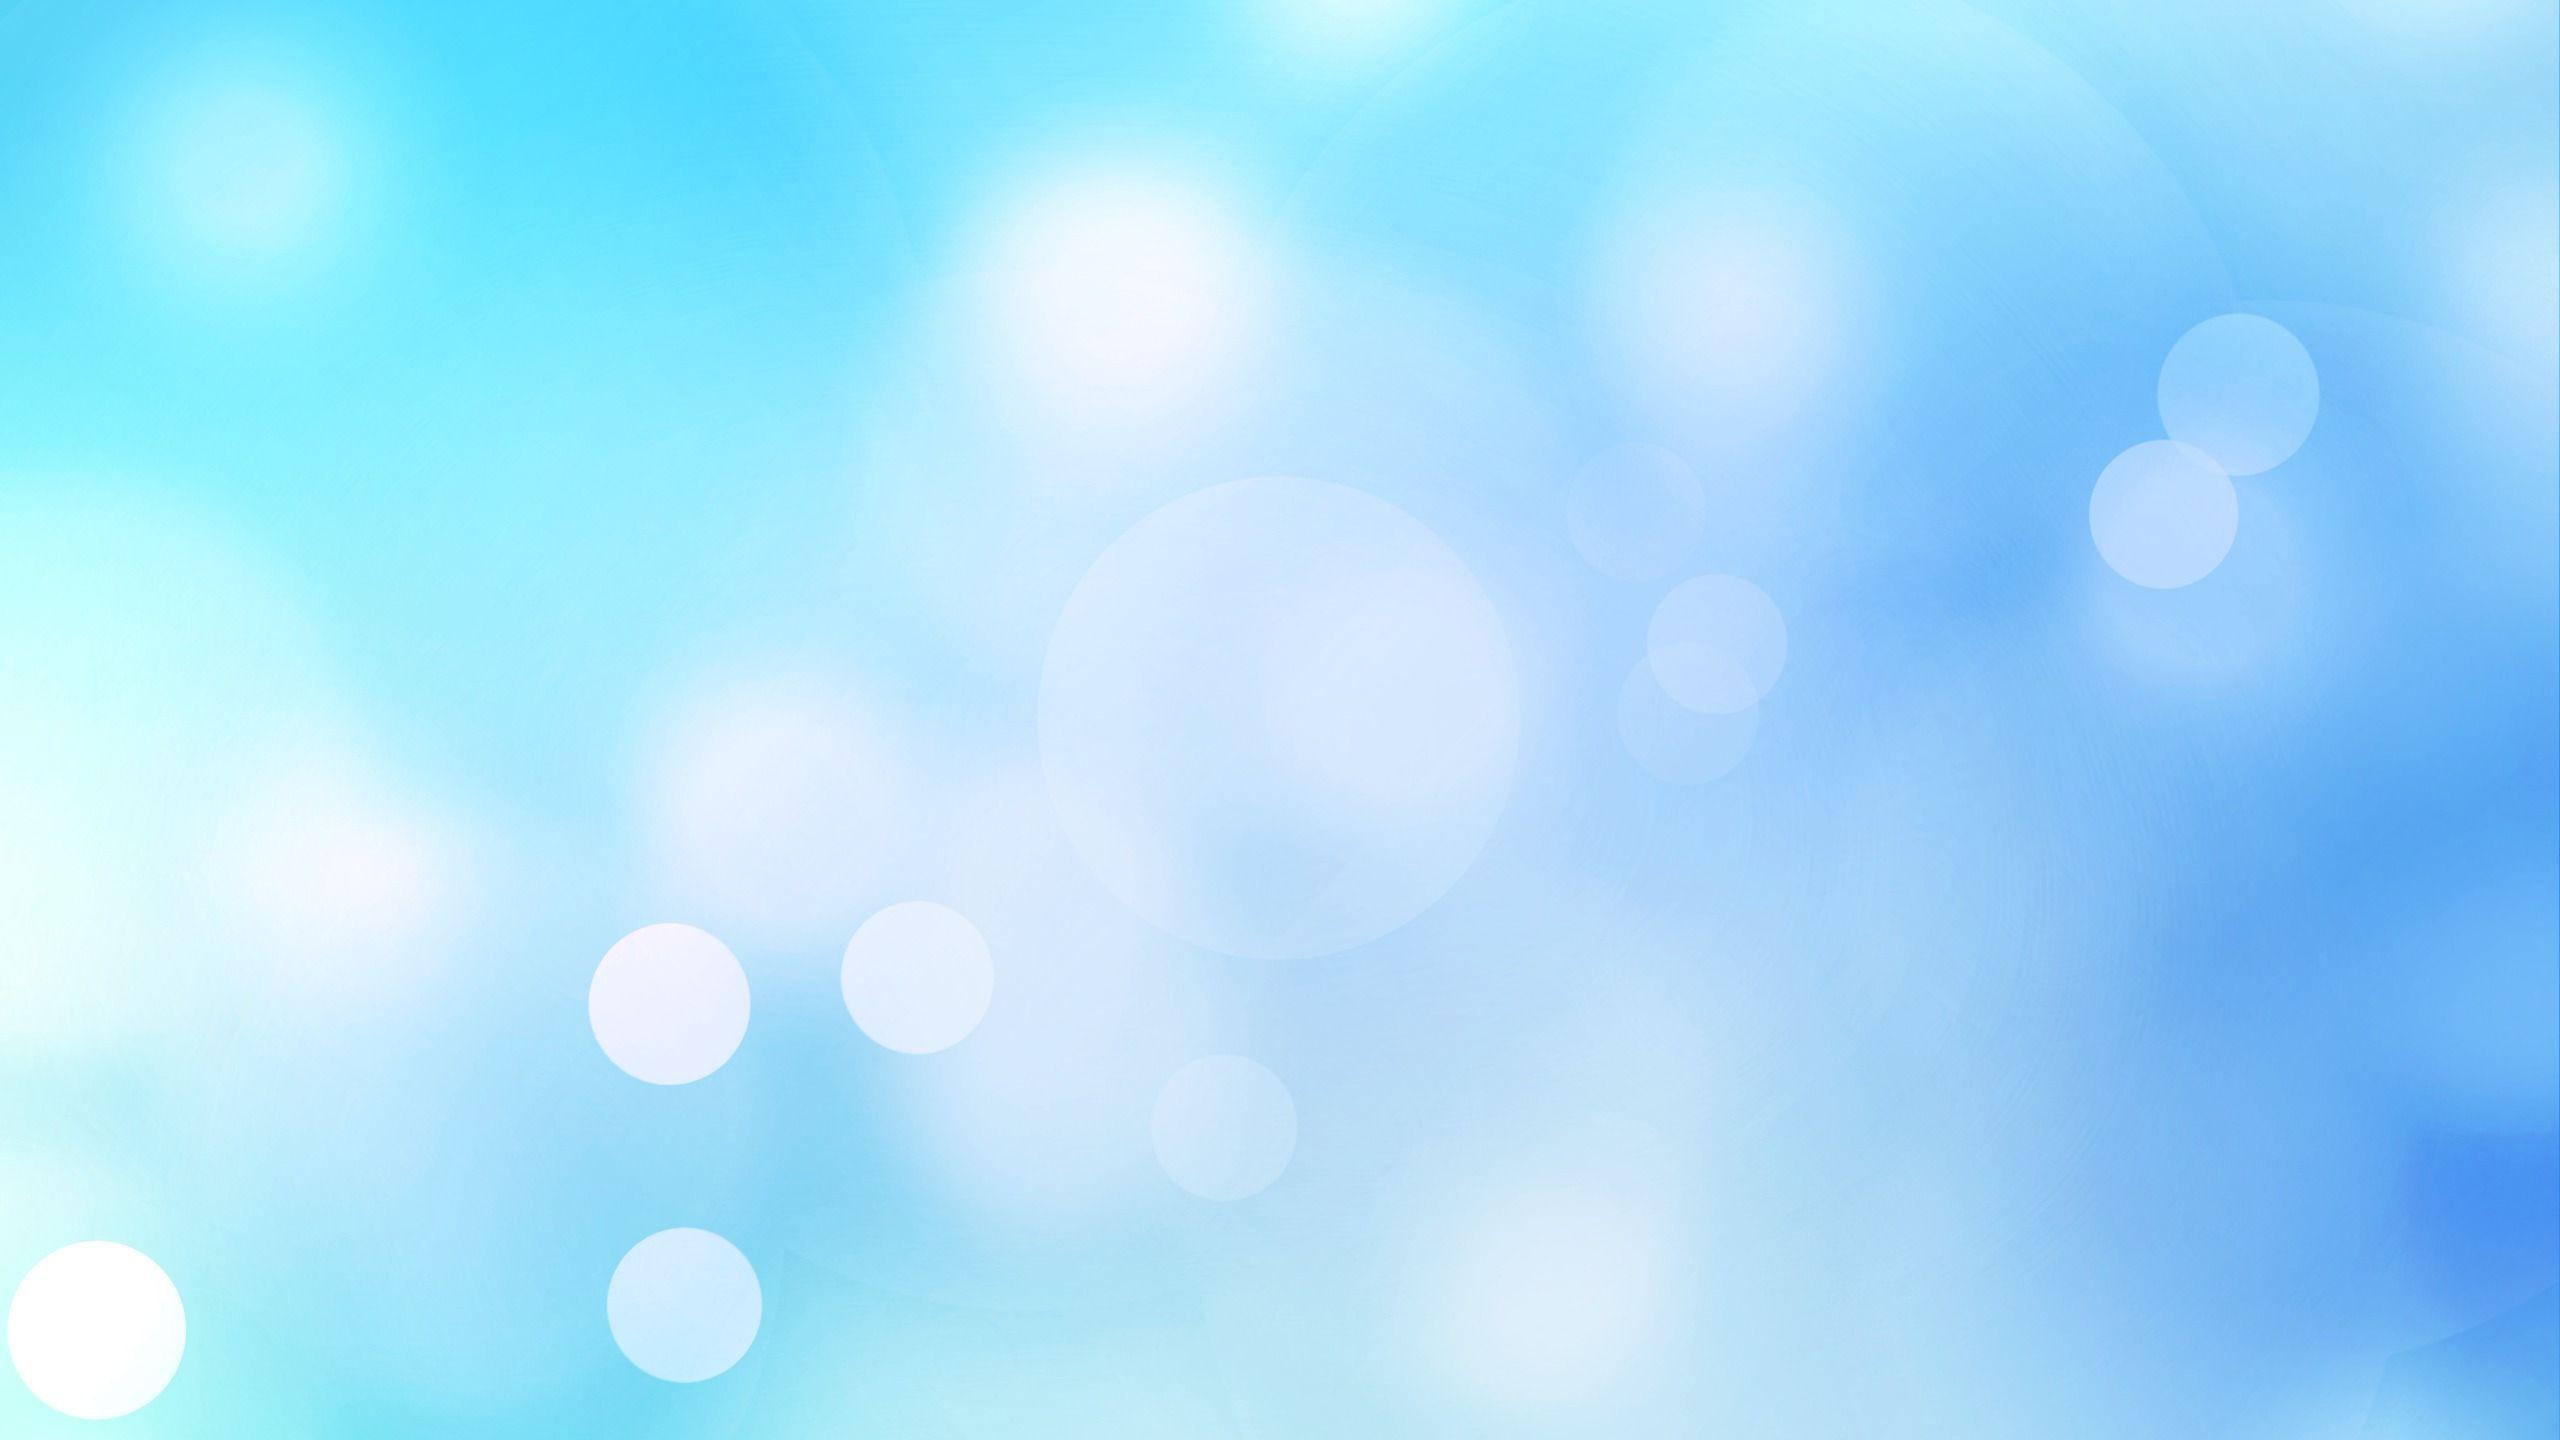 Light Blue HD Backgrounds 2560x1440